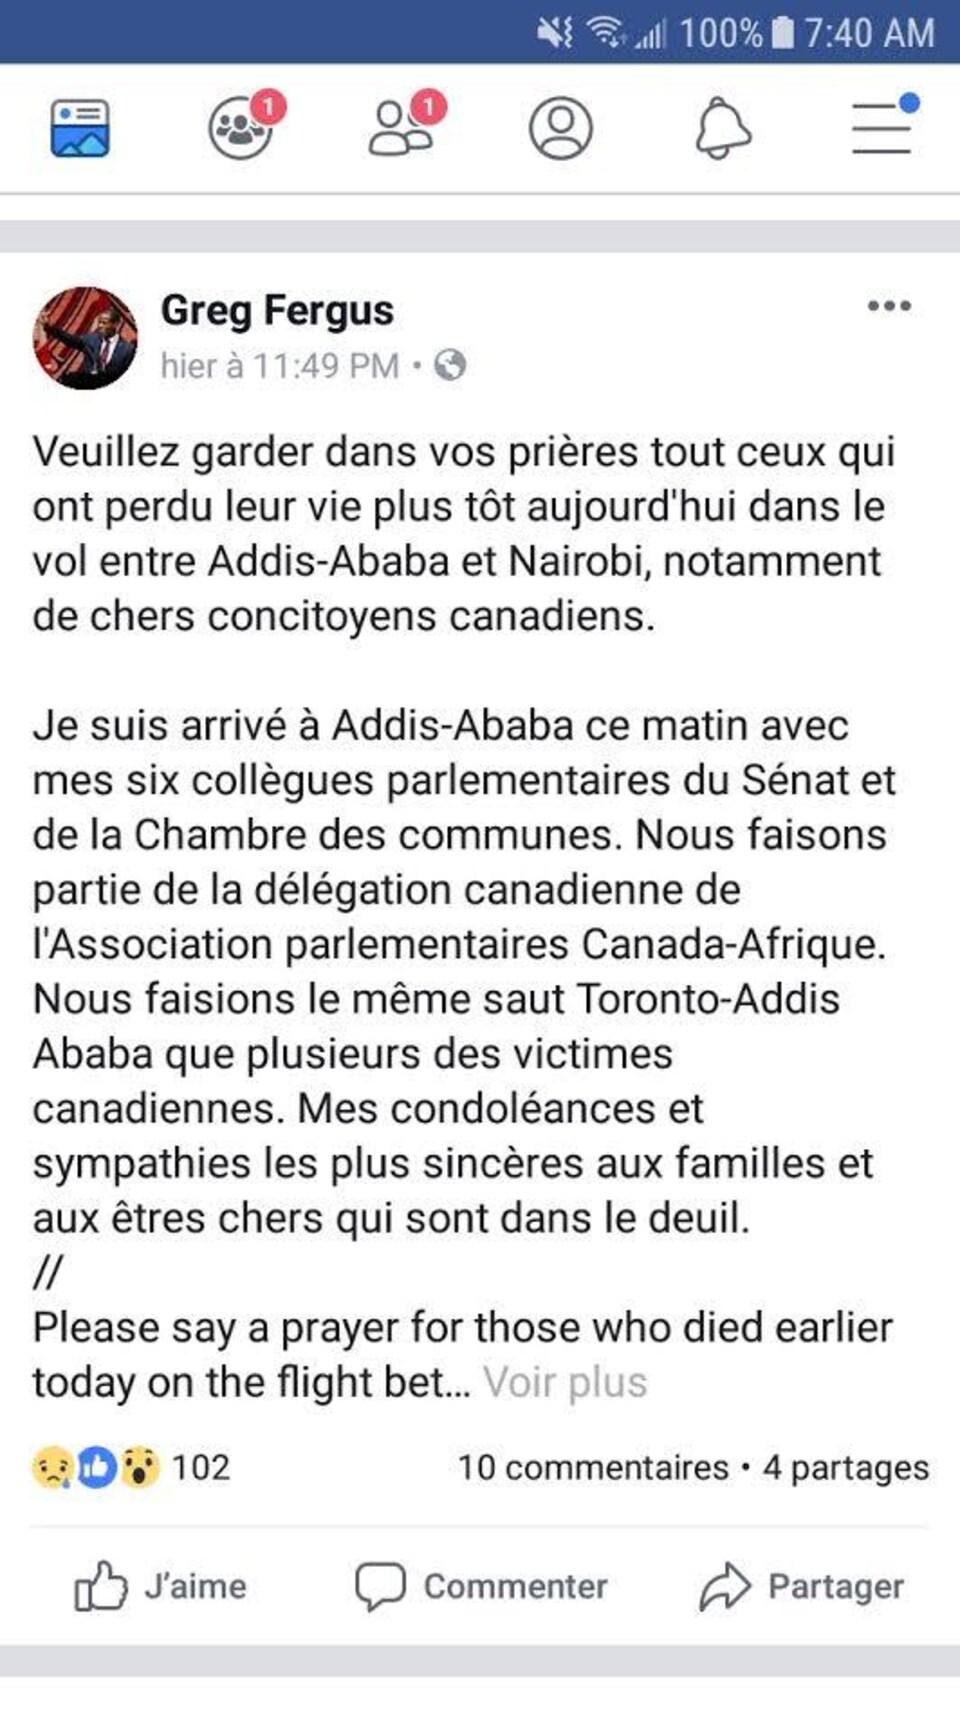 Un message Facebook invitant les lecteurs à prier pour les victimes de l'écrasement du Boeing 737 d'Ethiopian Airlines.